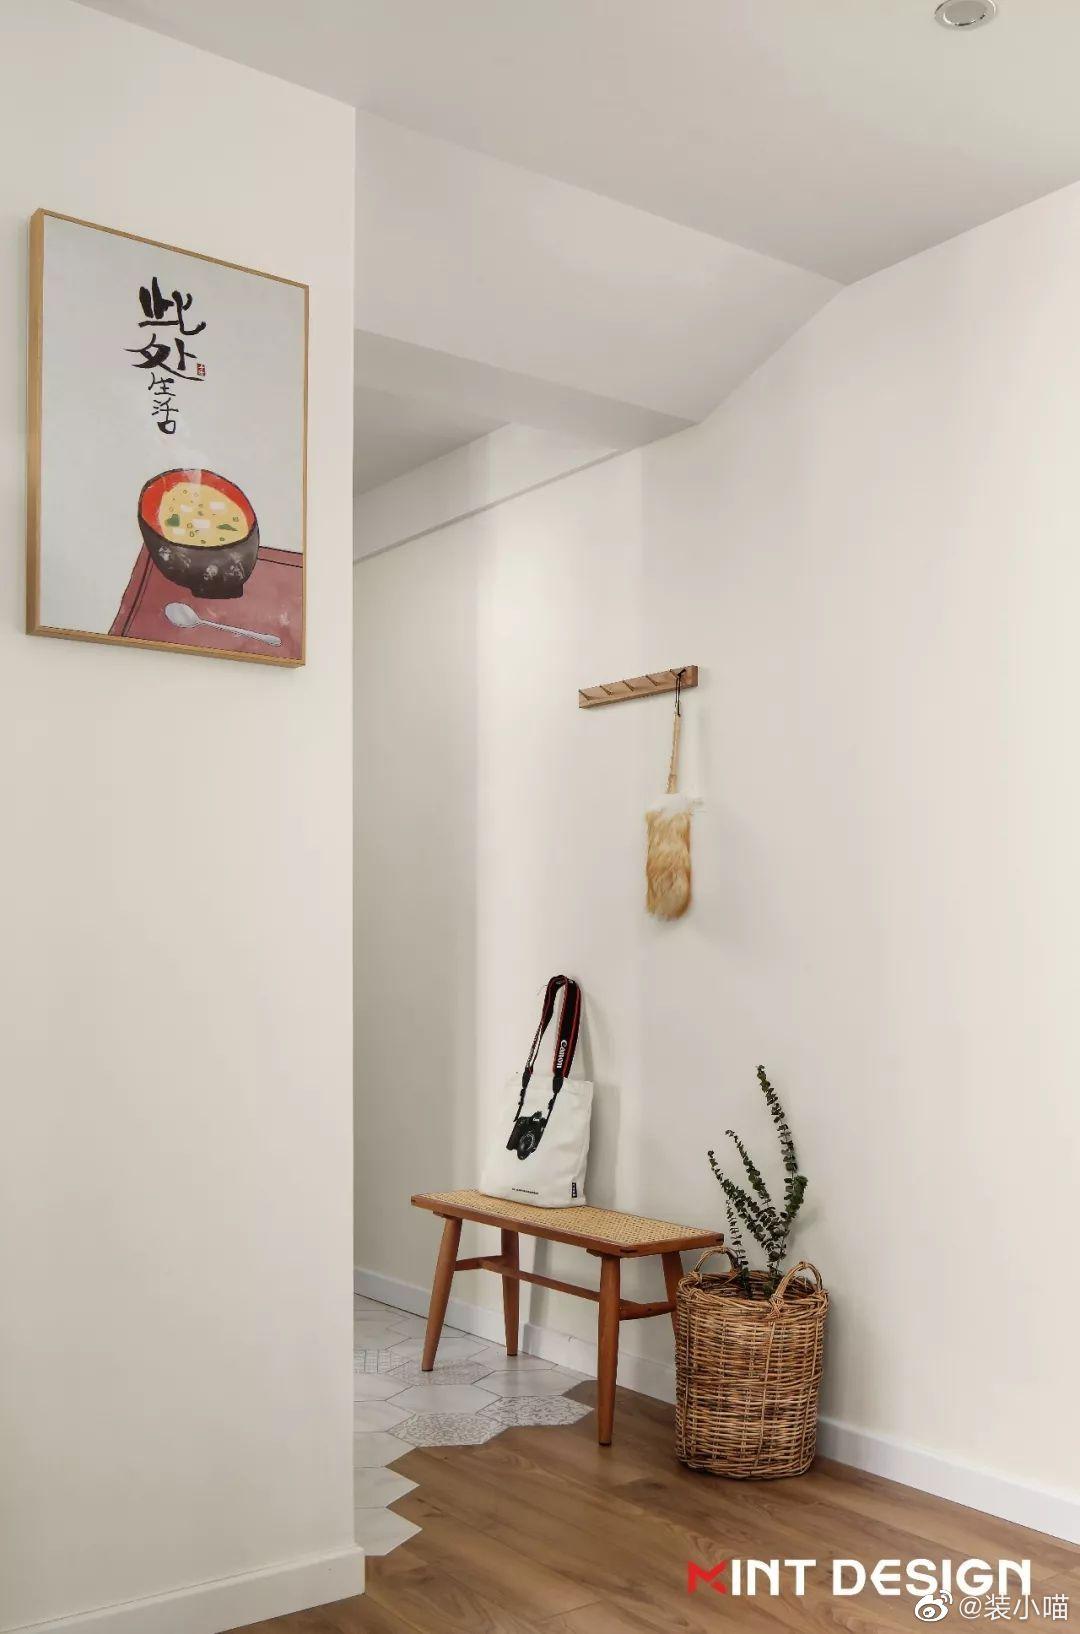 三代同堂的五口之家,以自然环保的原木材质为基调